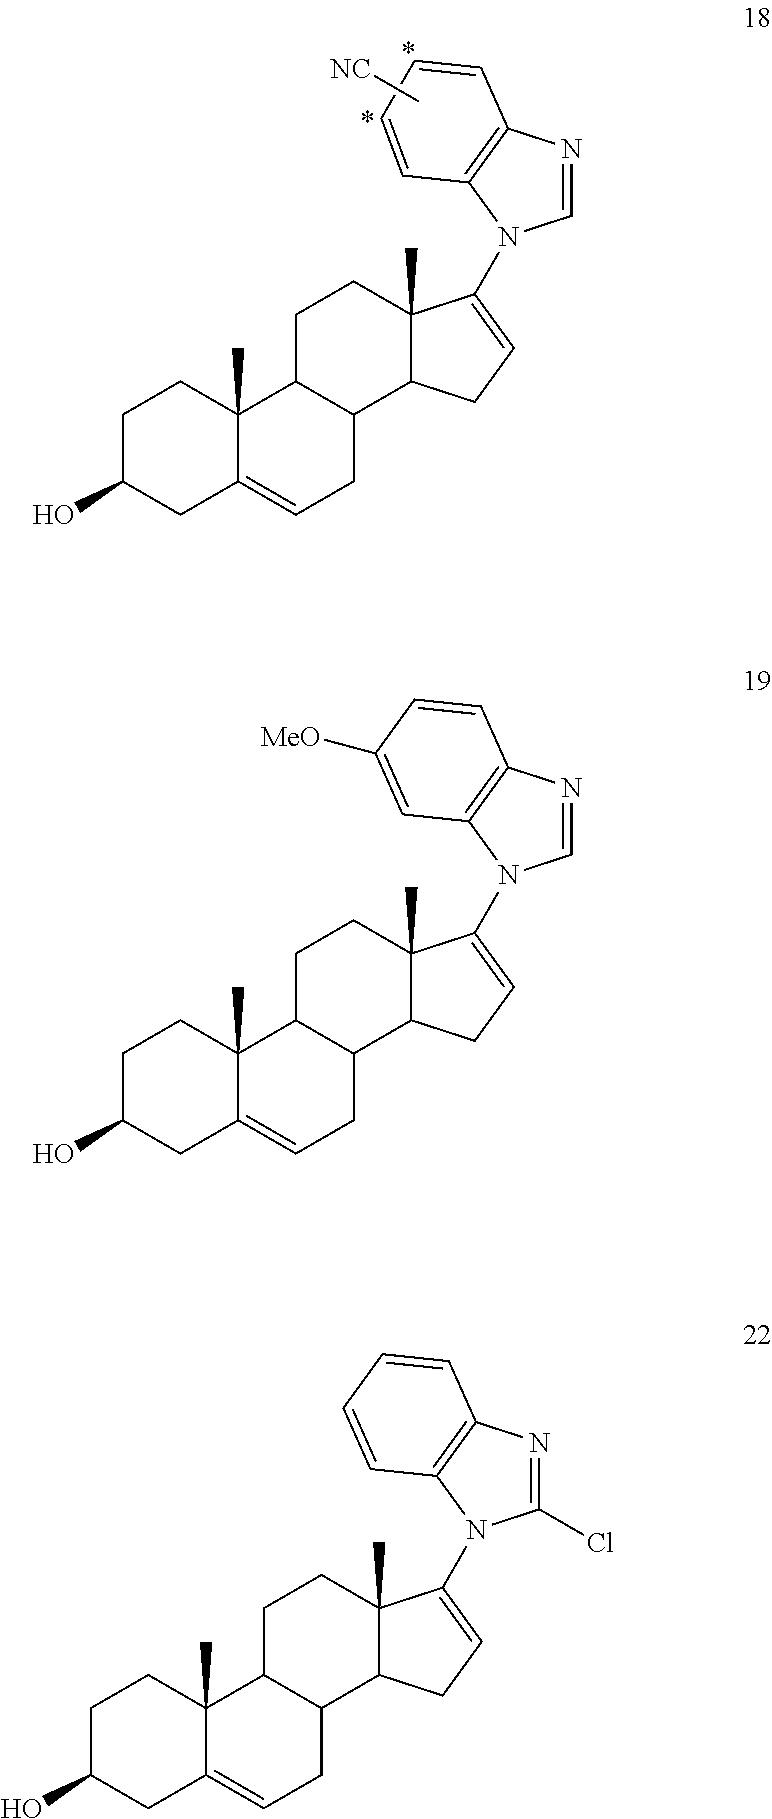 Figure US09884067-20180206-C00008